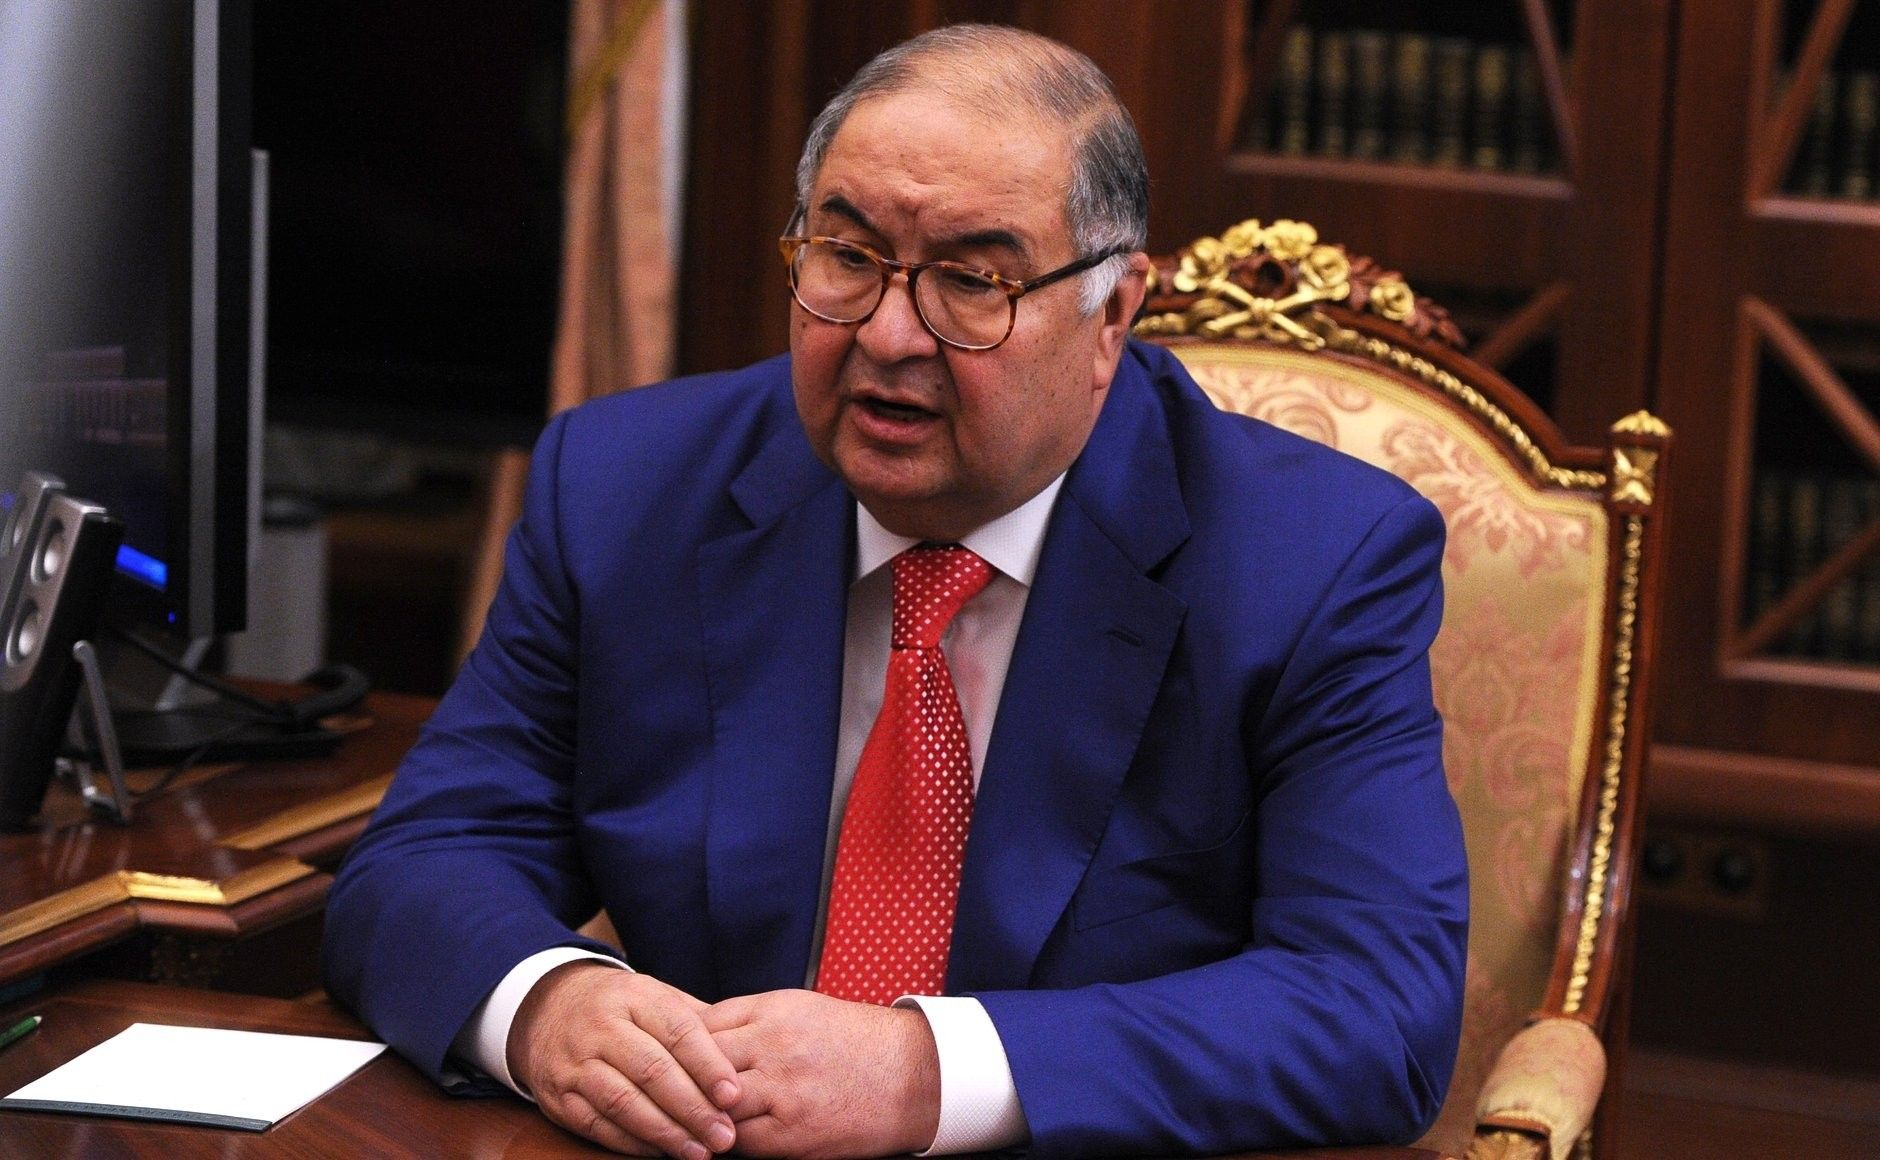 Летом 2008года структуры Усманова заинтересовались покупкой Яндекса — потенциальная сделка была согласована сКремлем.